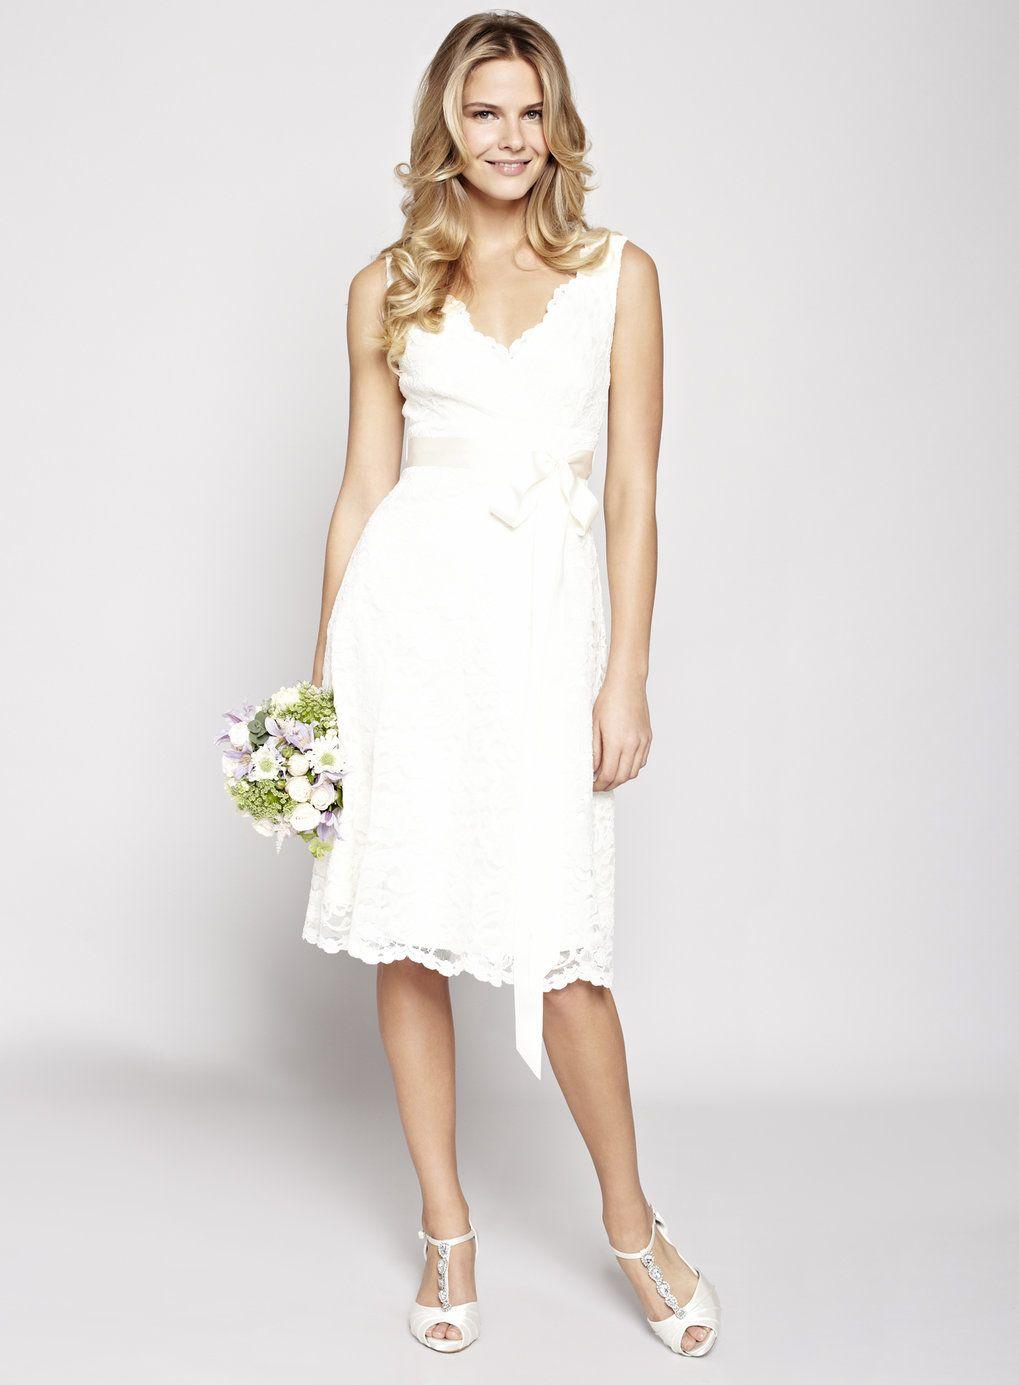 ivory wedding dresses NEW Modern A line Princess Straps Knee Length Wedding Dress with Sash Applique